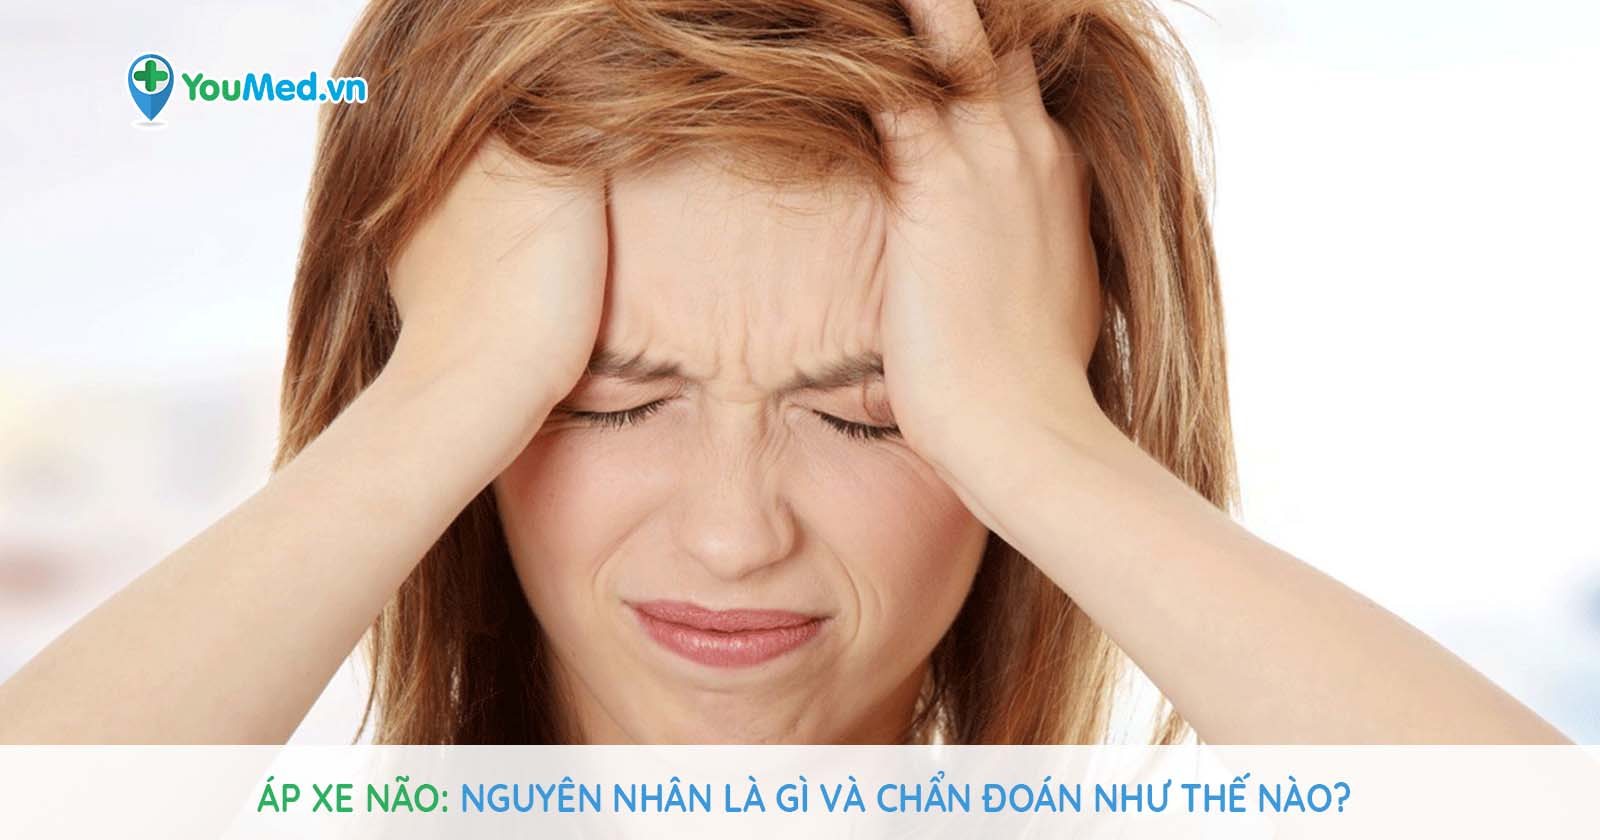 Áp xe não: Nguyên nhân là gì và chẩn đoán như thế nào?